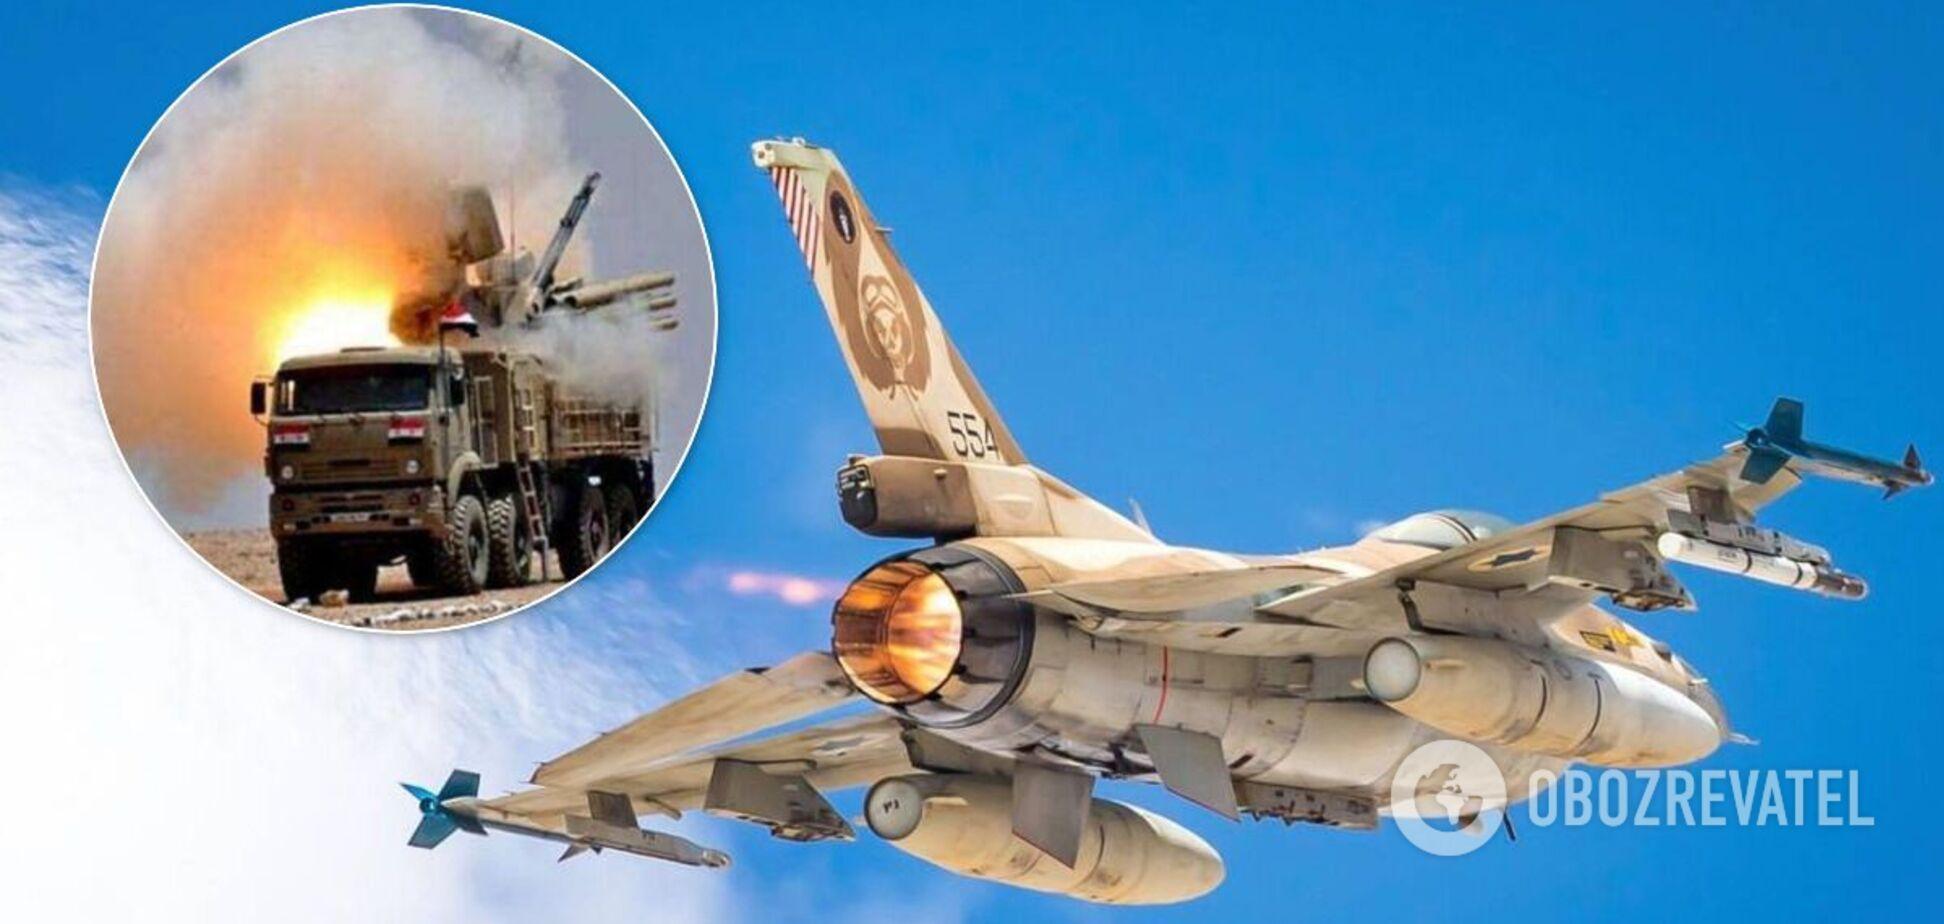 Израиль уничтожил полк Сирии, оснащенный российским 'Панцирем-С' – СМИ